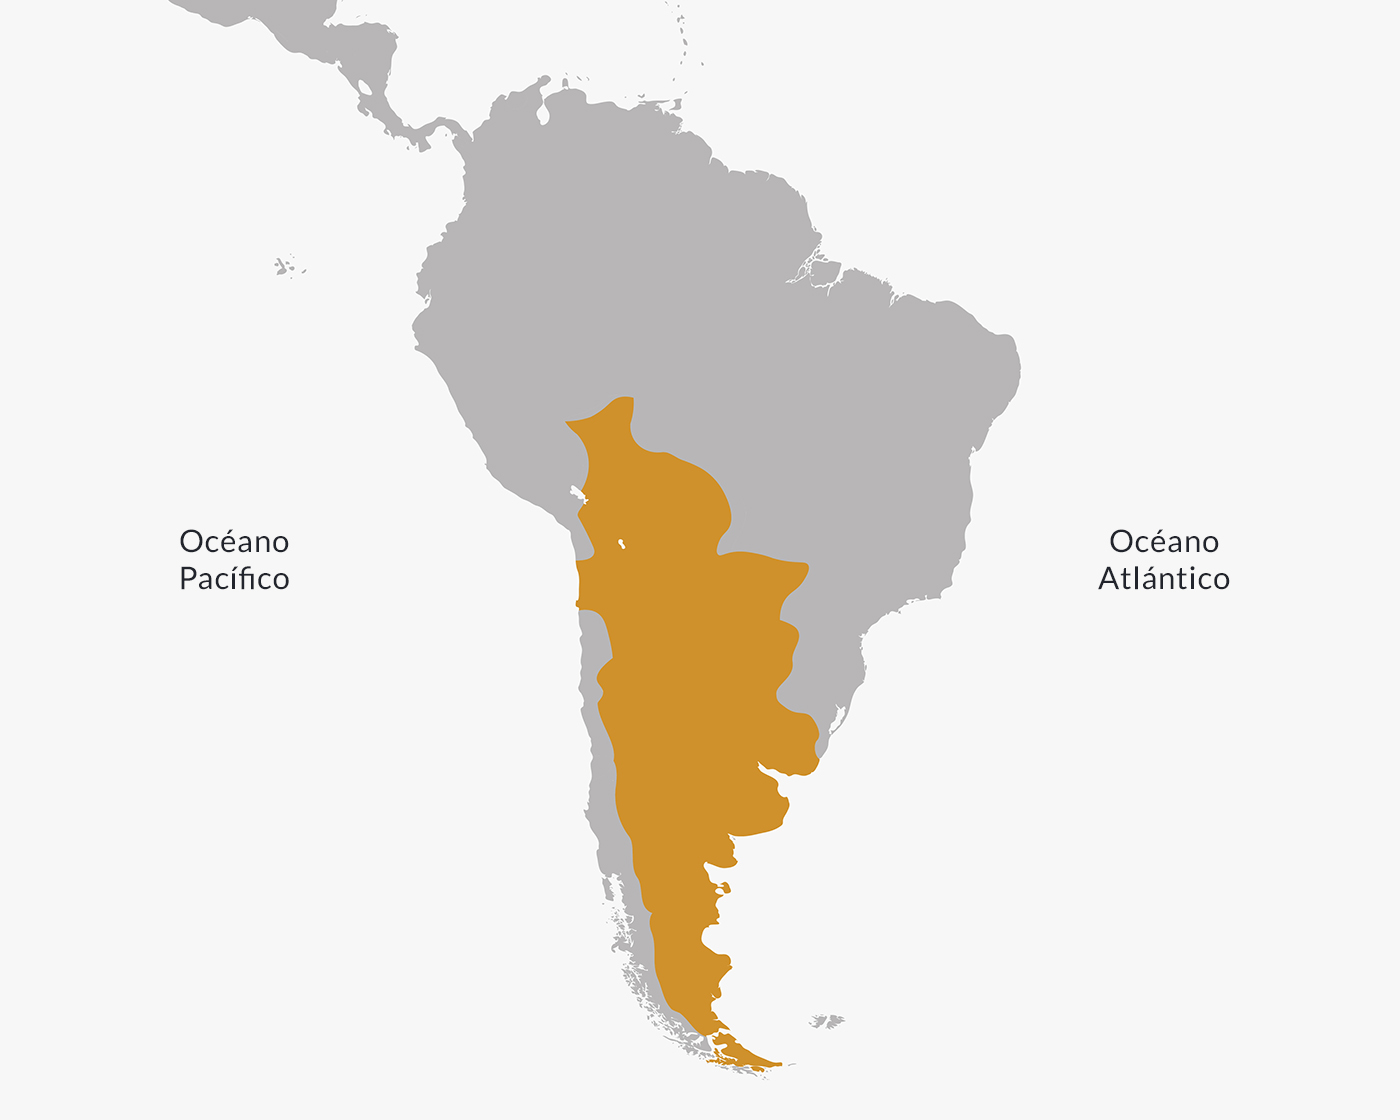 Territorio del Virreinato del Río de la Plata.